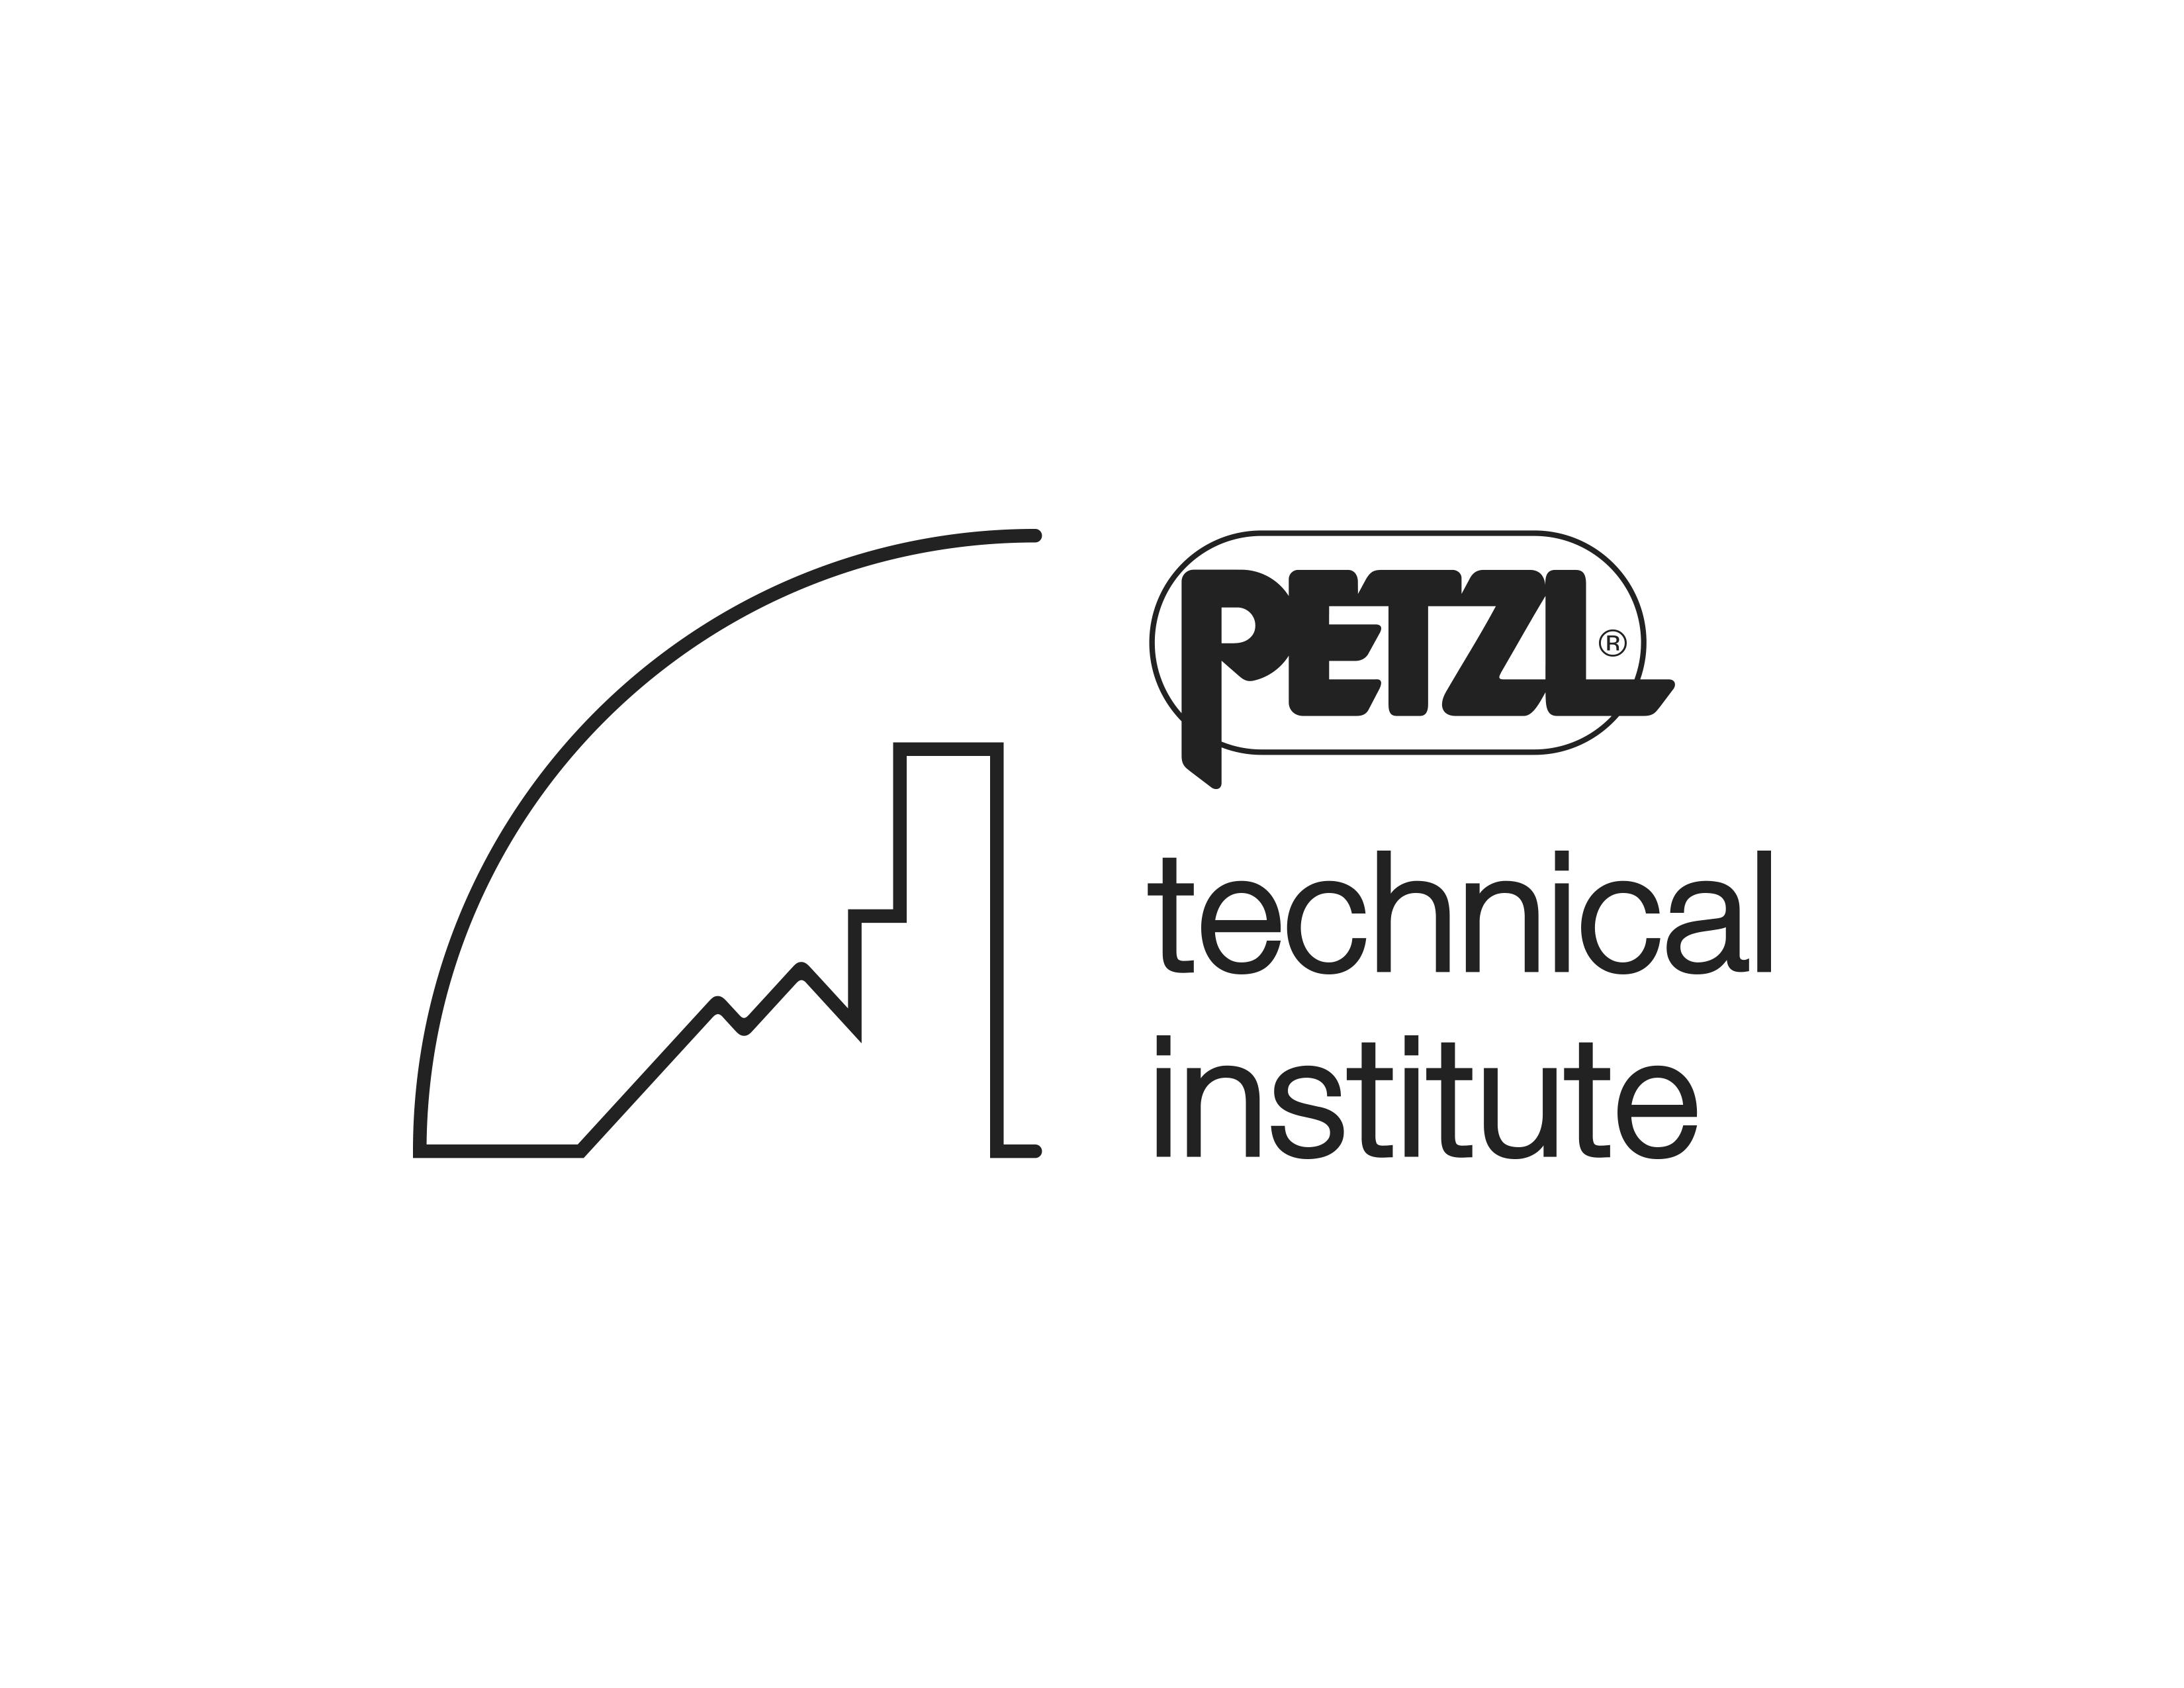 Petzl Technical institute